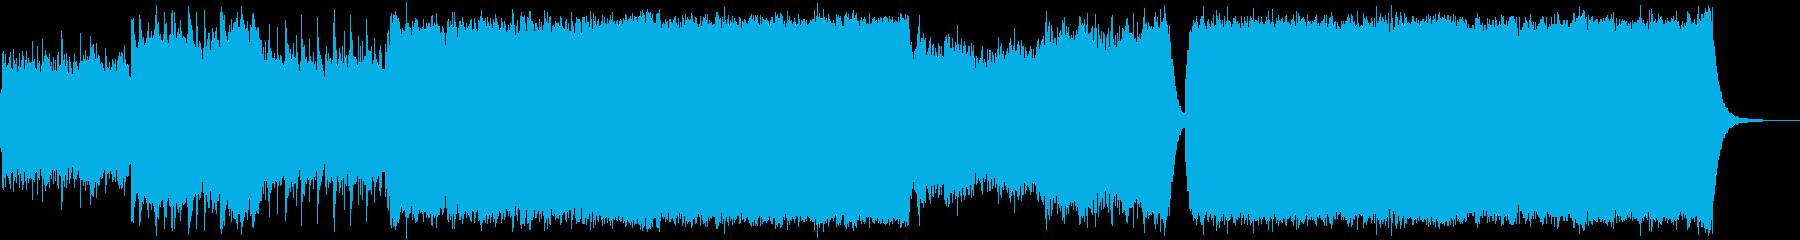 ケルト/壮大/感動/大自然の再生済みの波形